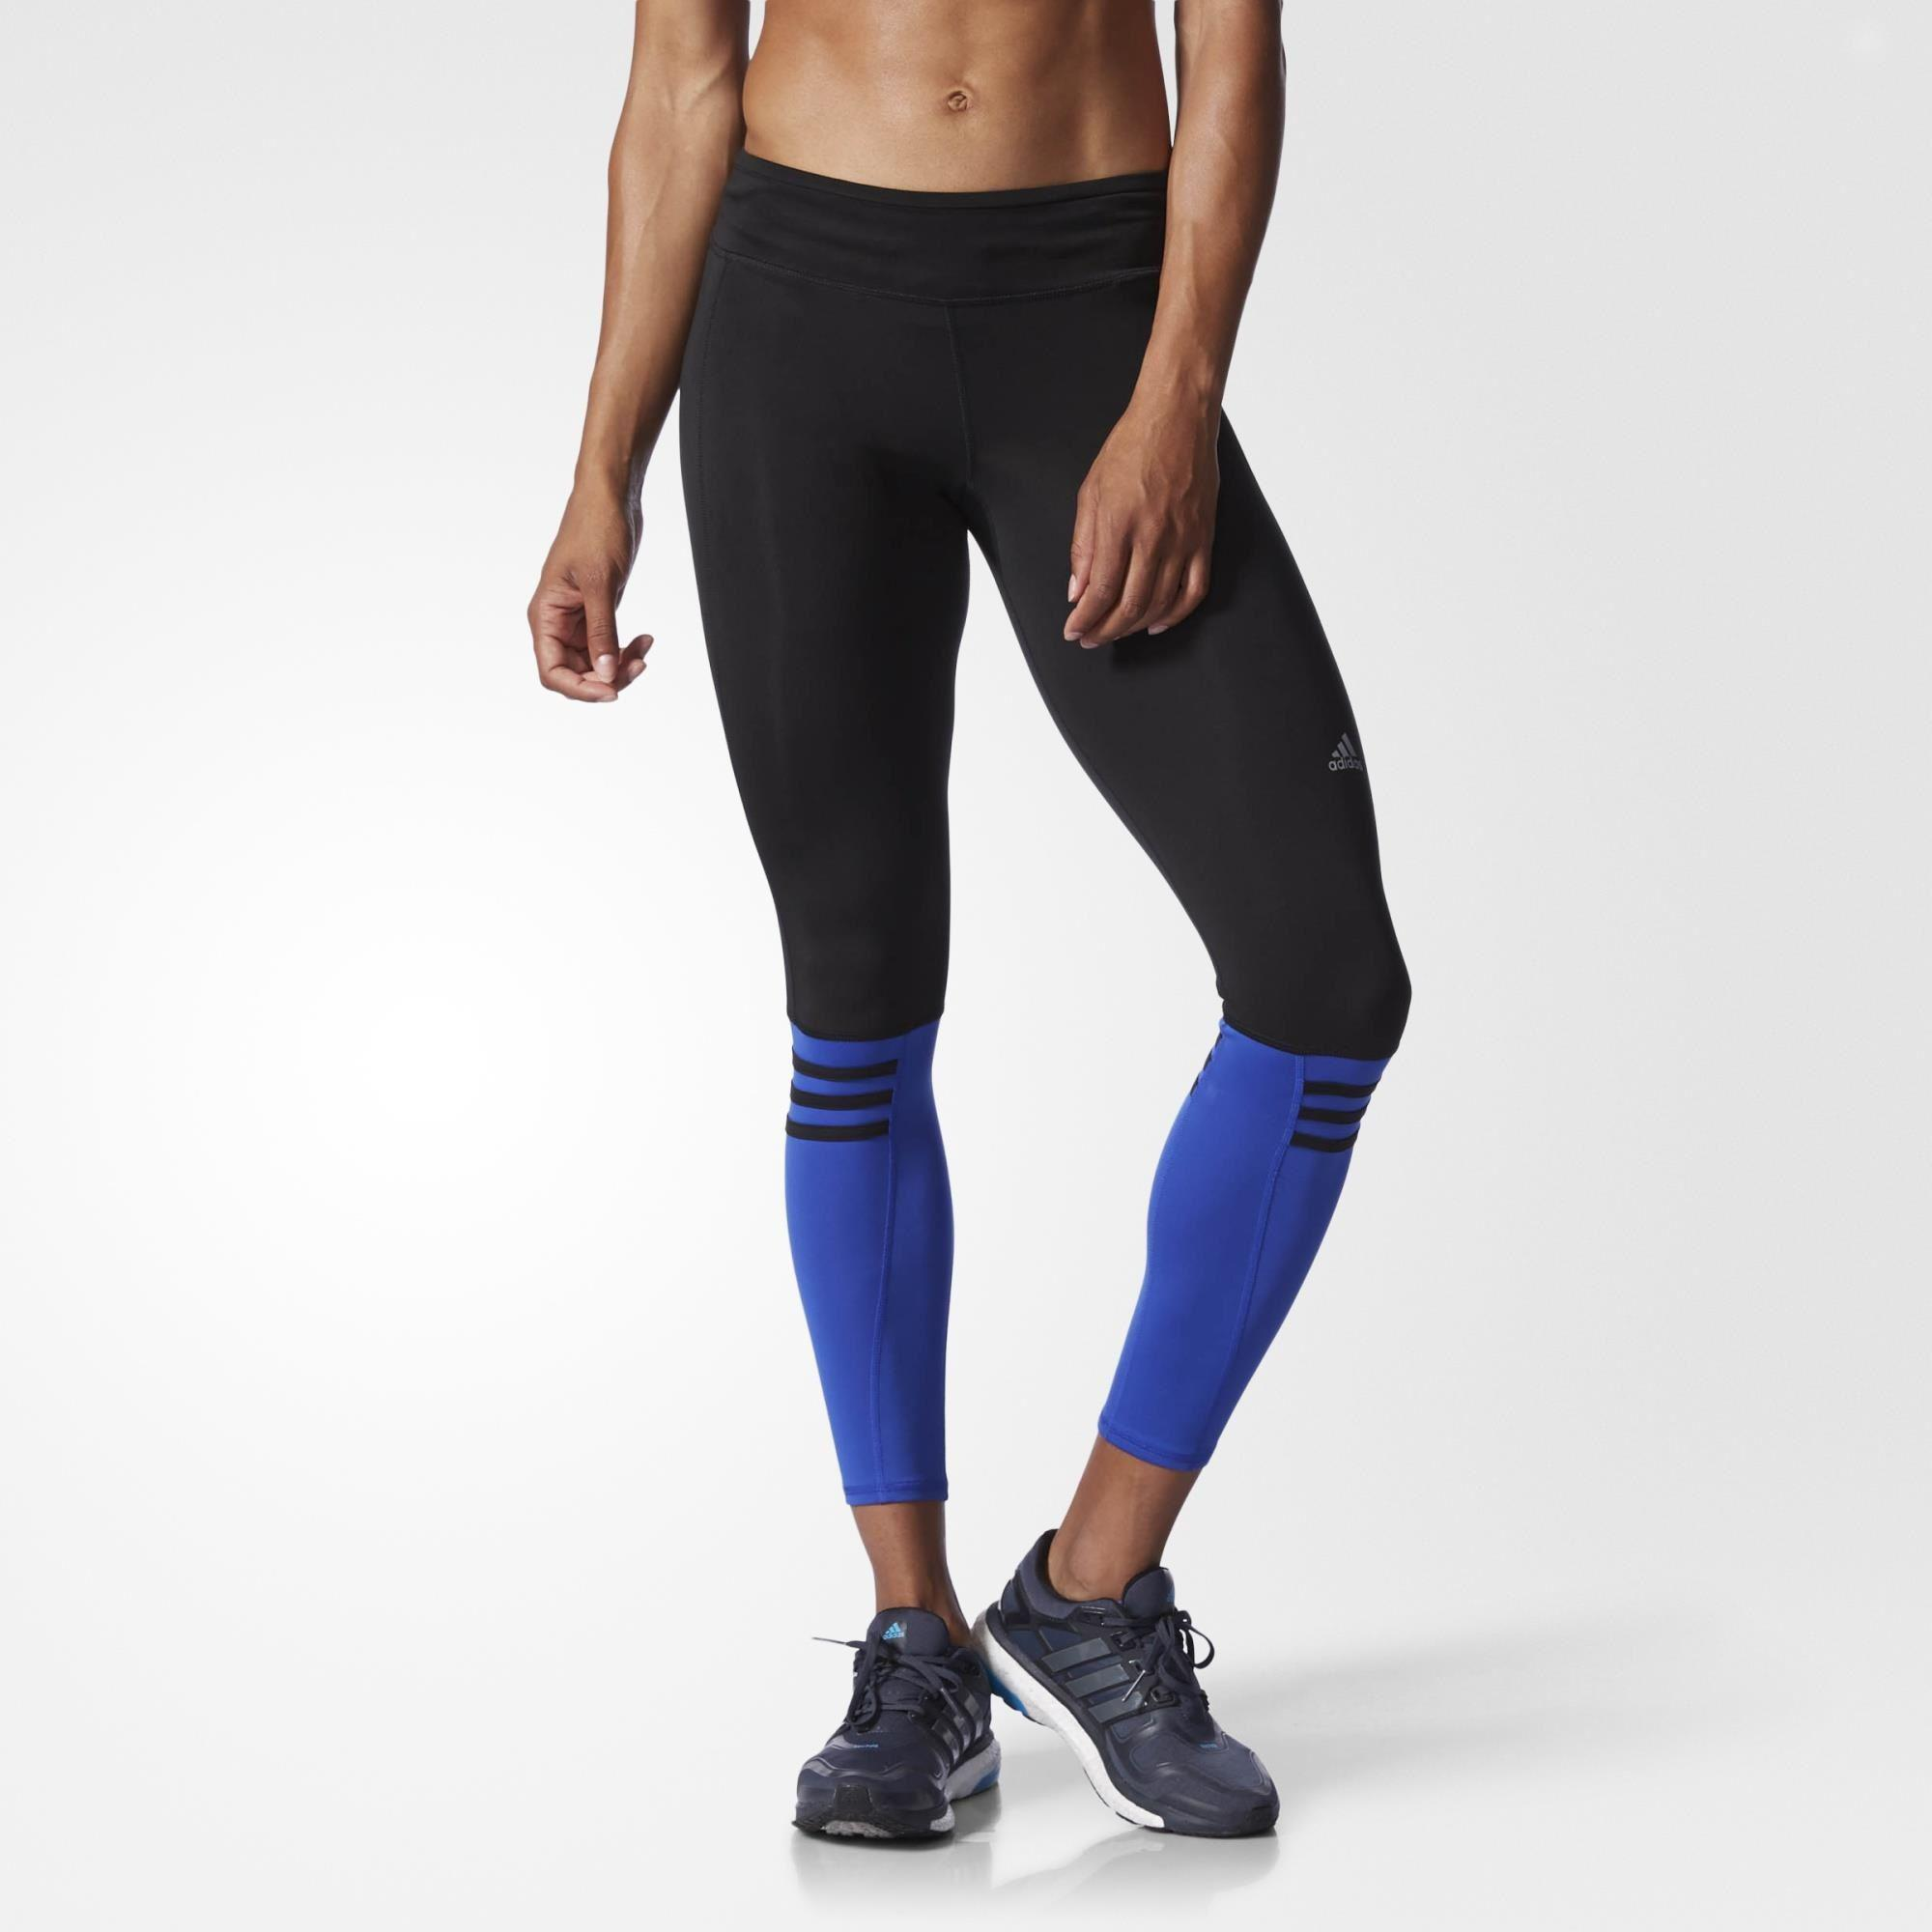 Adidas Womens Response Long Tights BlackBlue